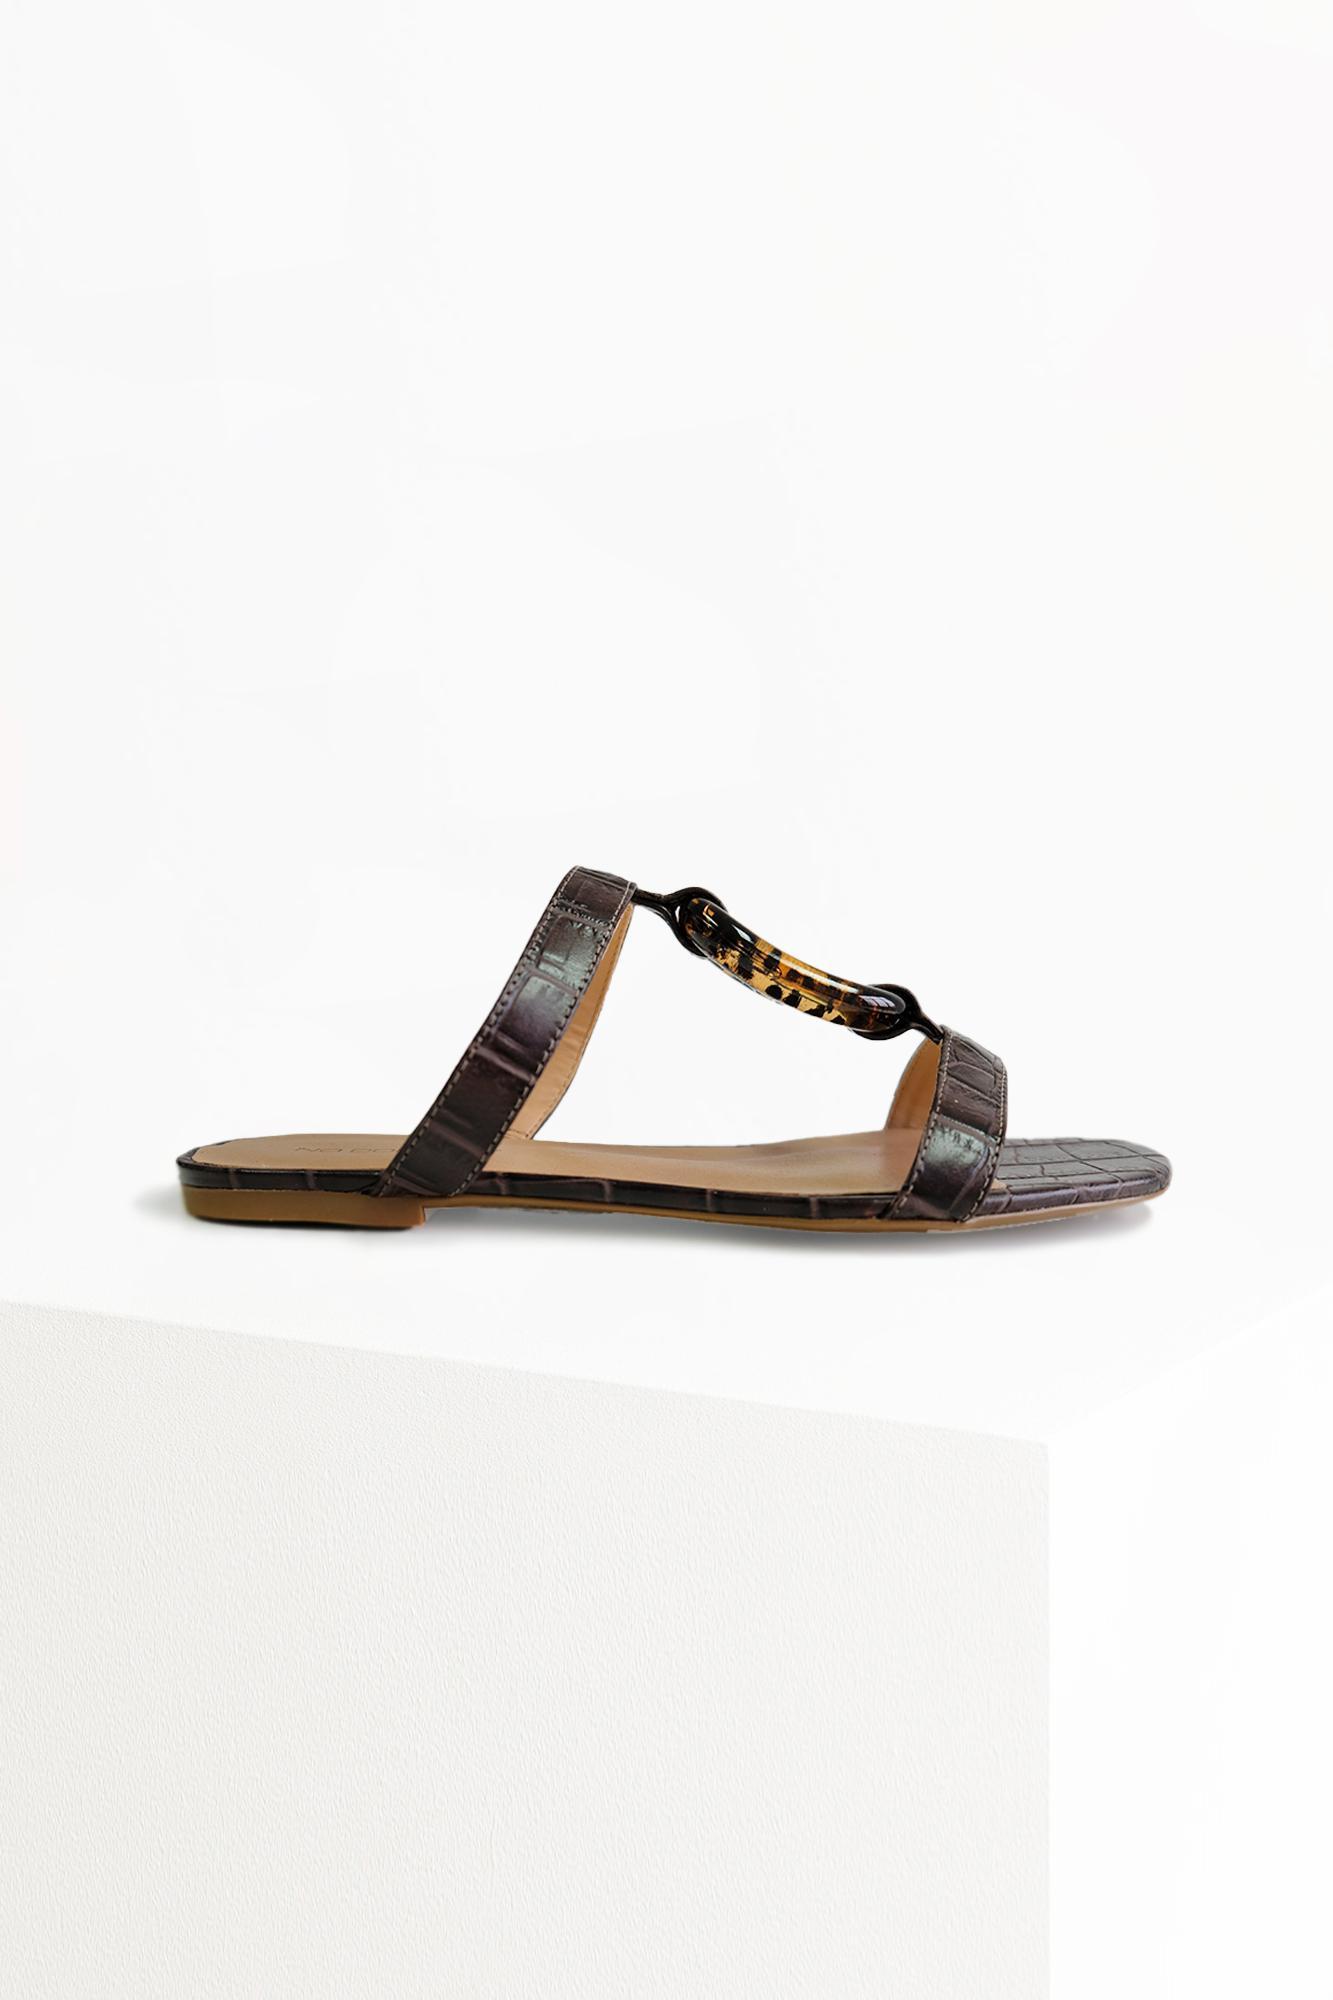 Sandals Nairobi